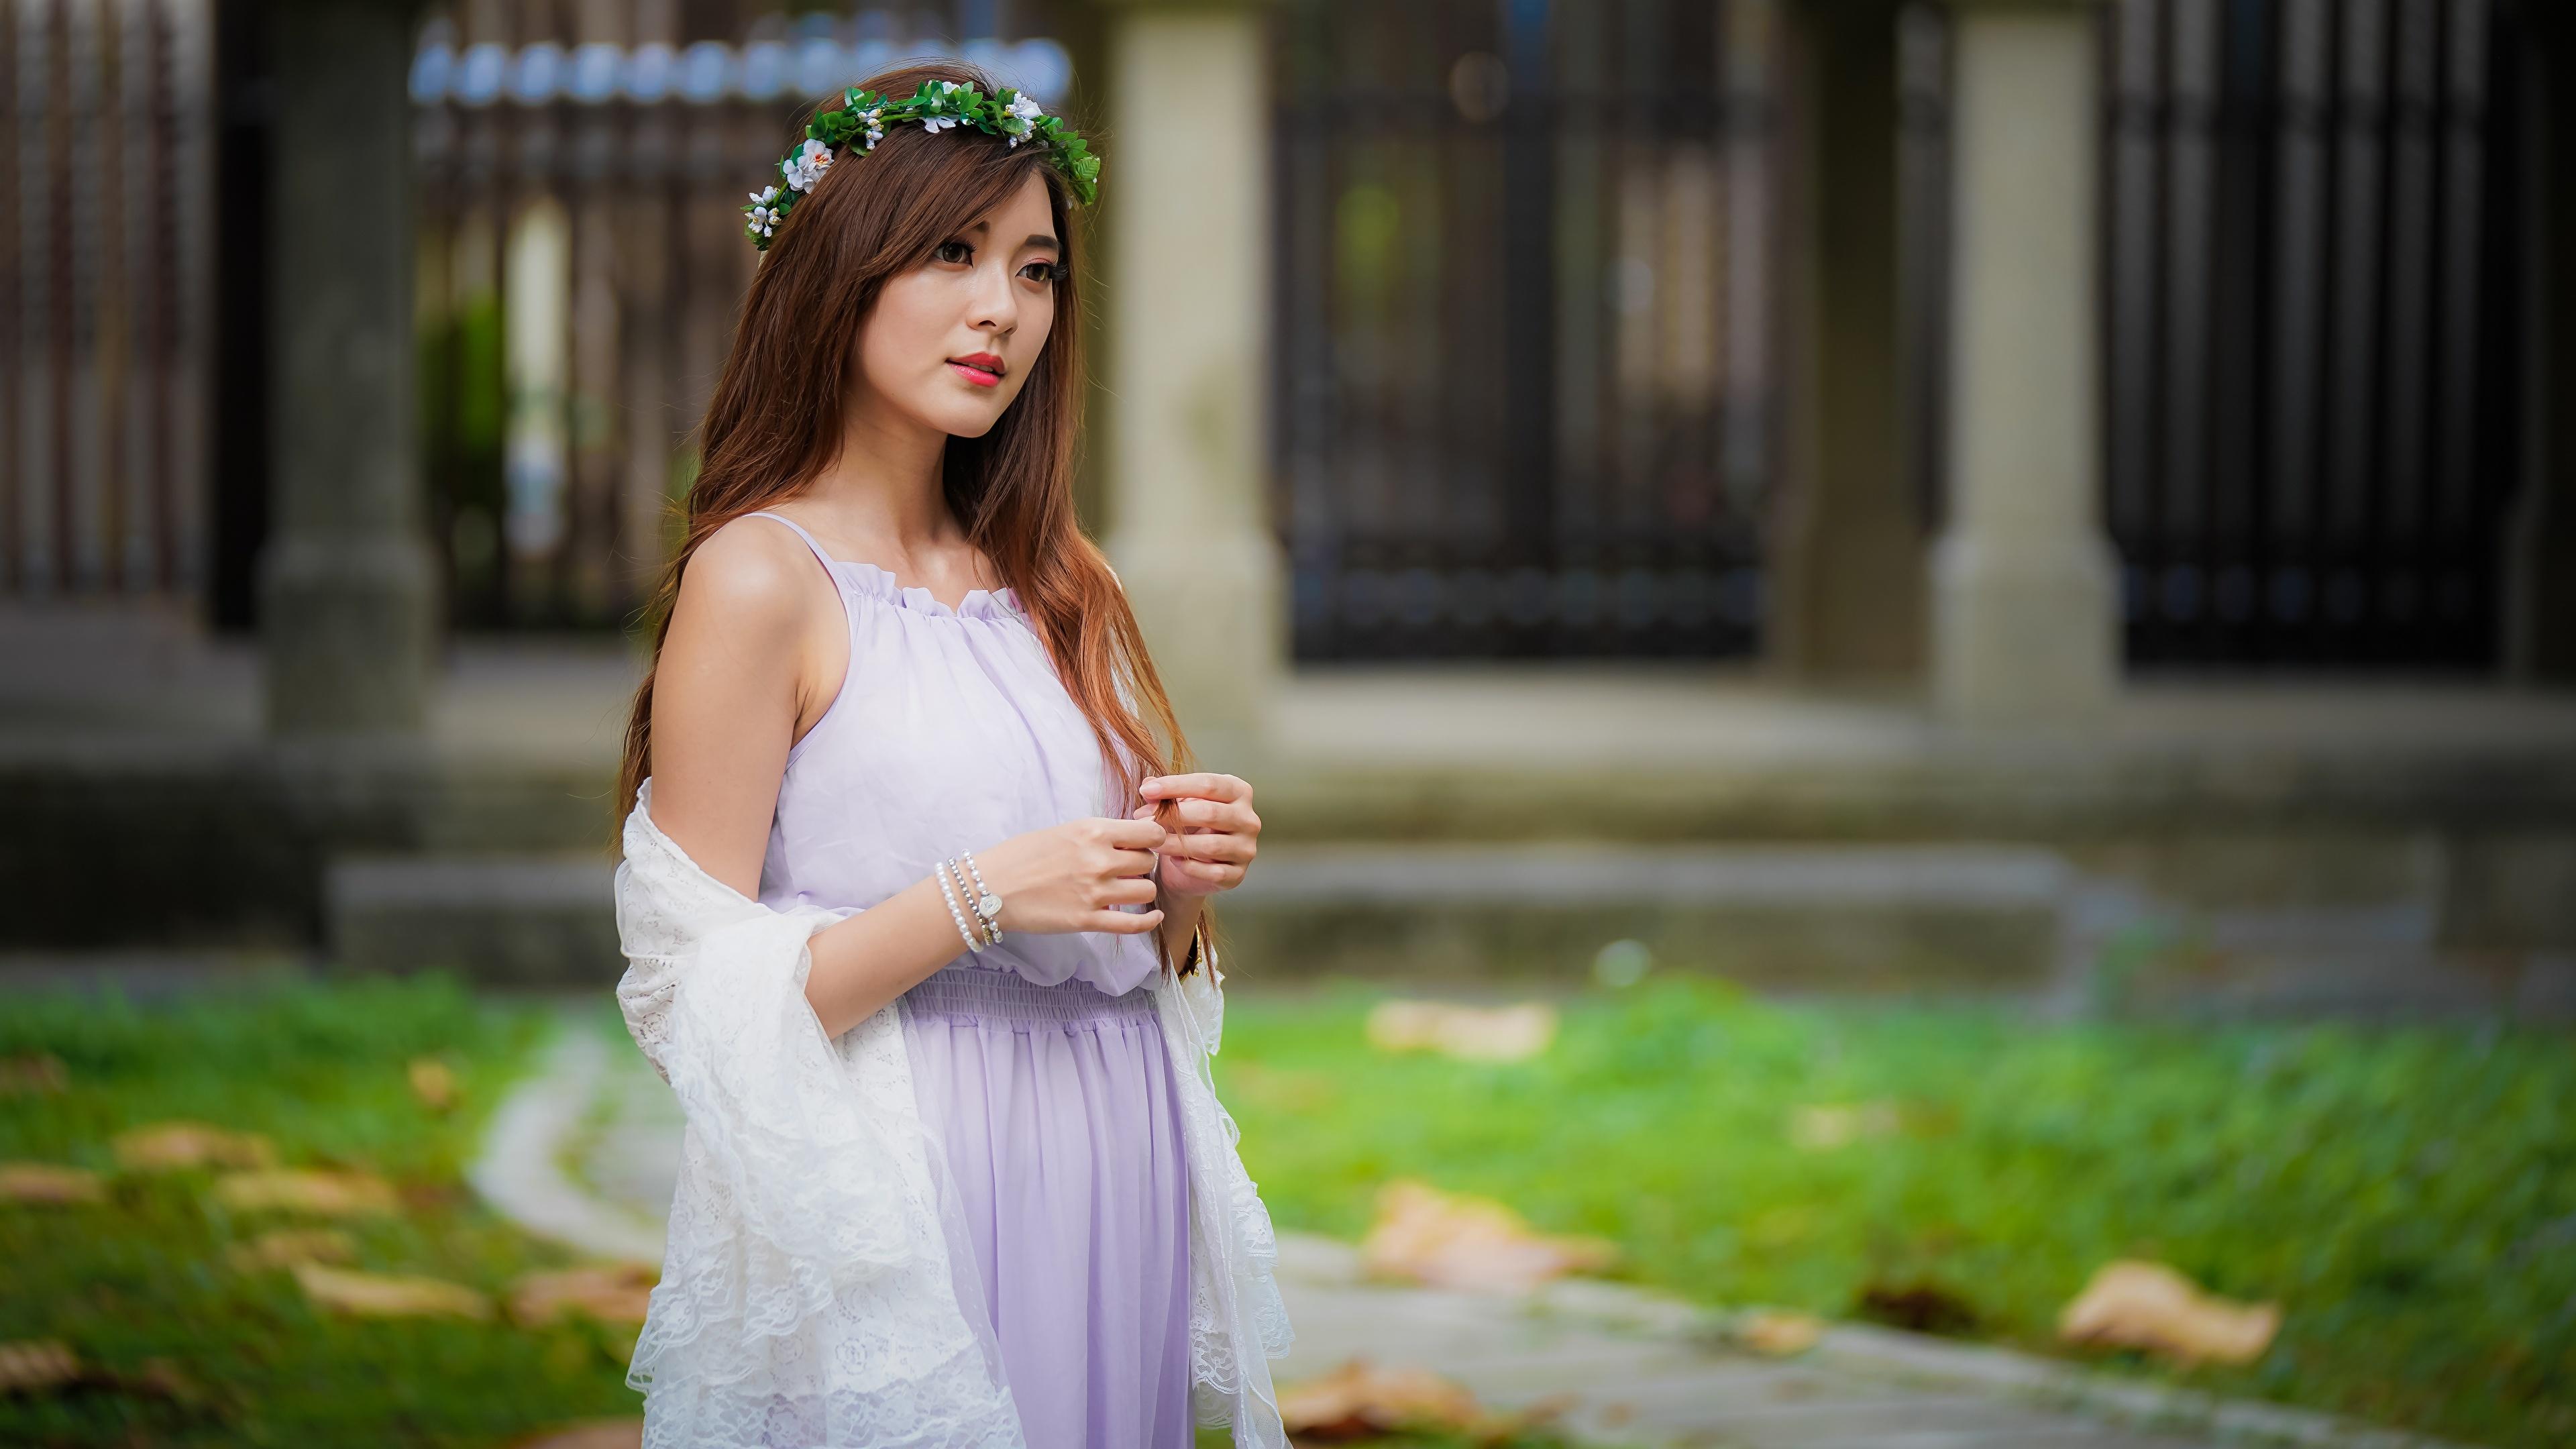 Фотография шатенки Размытый фон венком молодая женщина Азиаты платья 3840x2160 Шатенка боке Венок девушка Девушки молодые женщины азиатки азиатка Платье